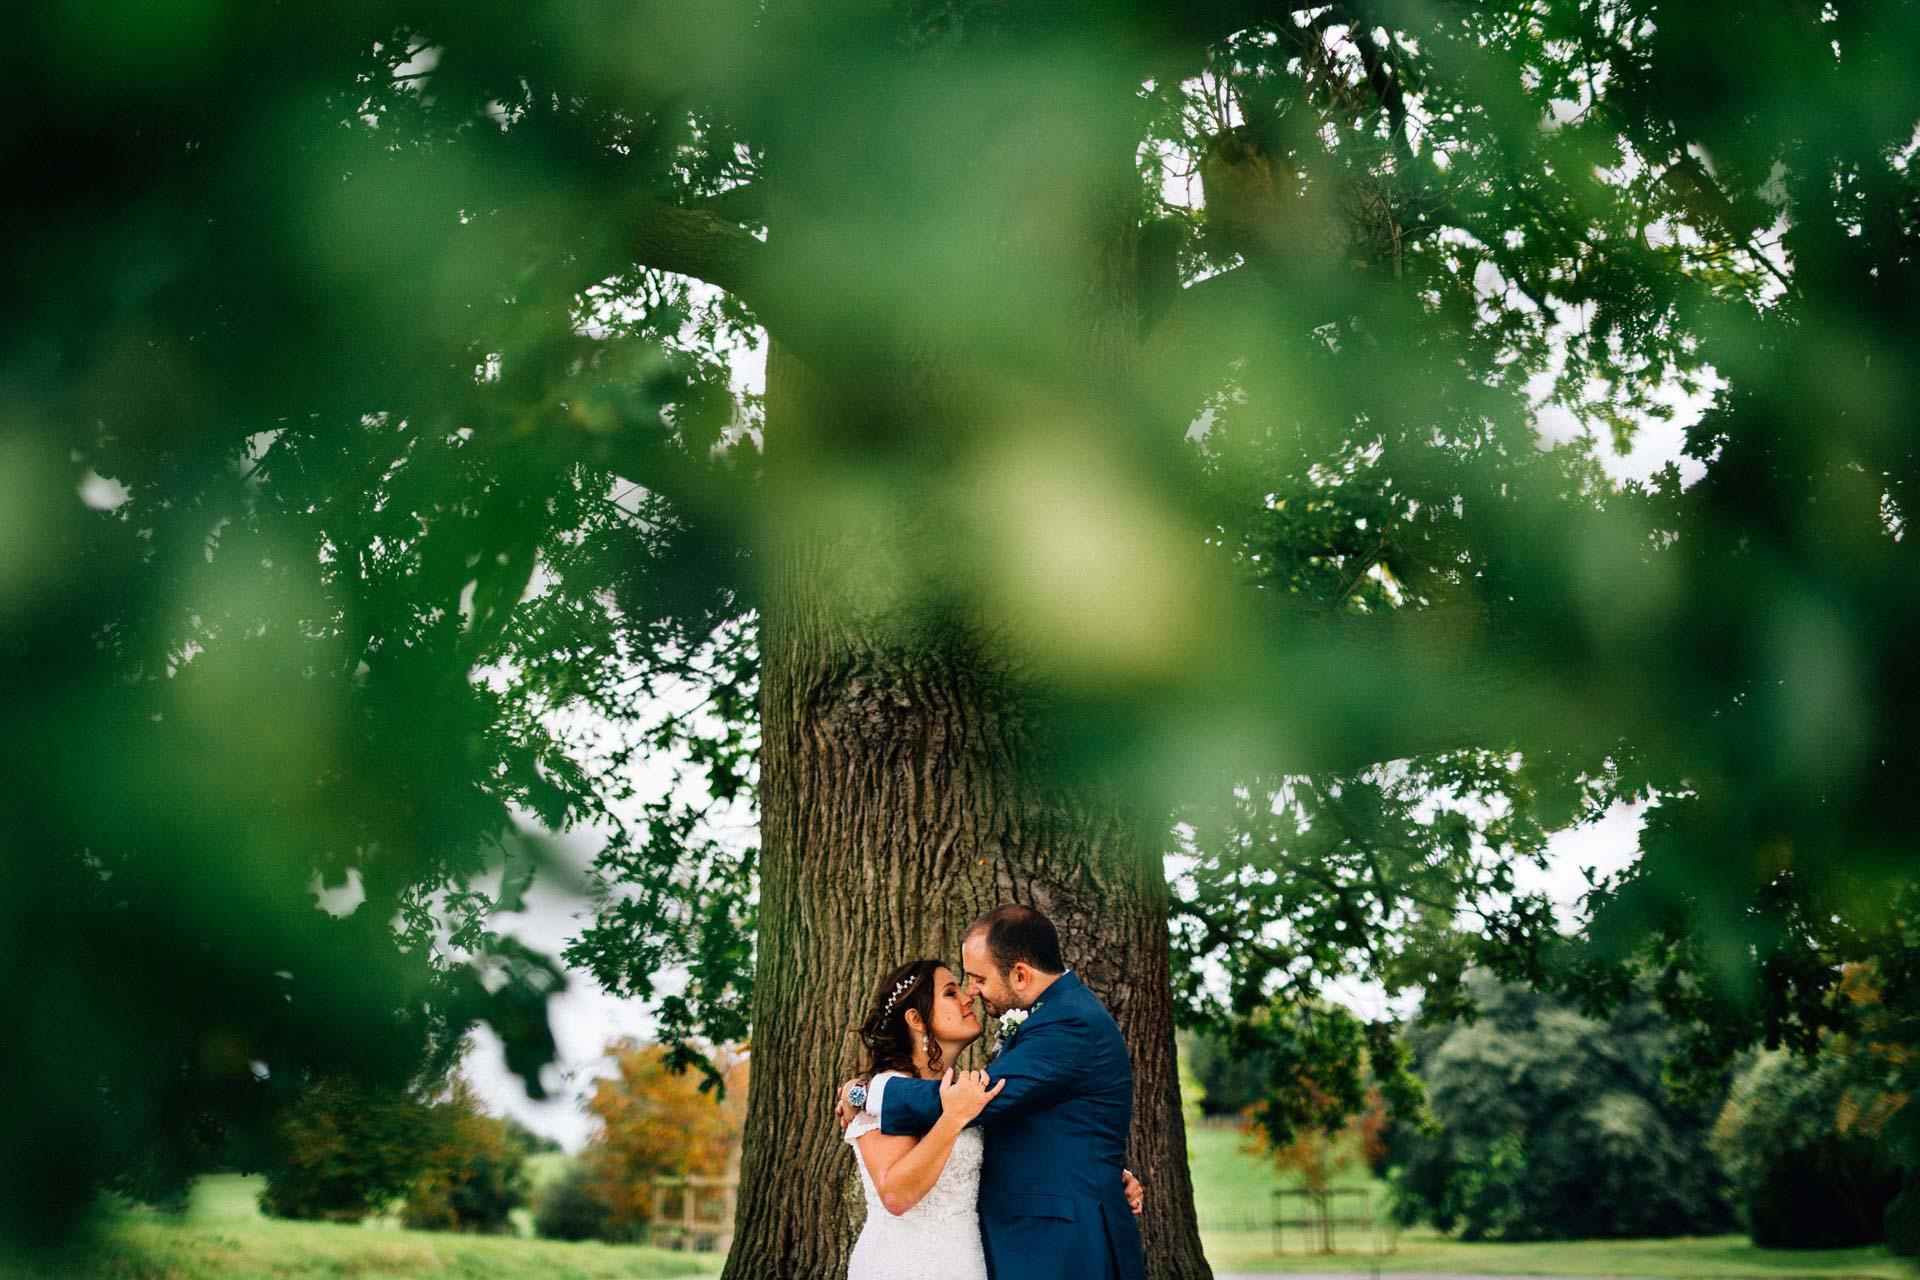 Best wedding photography equipment 5 fairclough photography for Wedding photography equipment